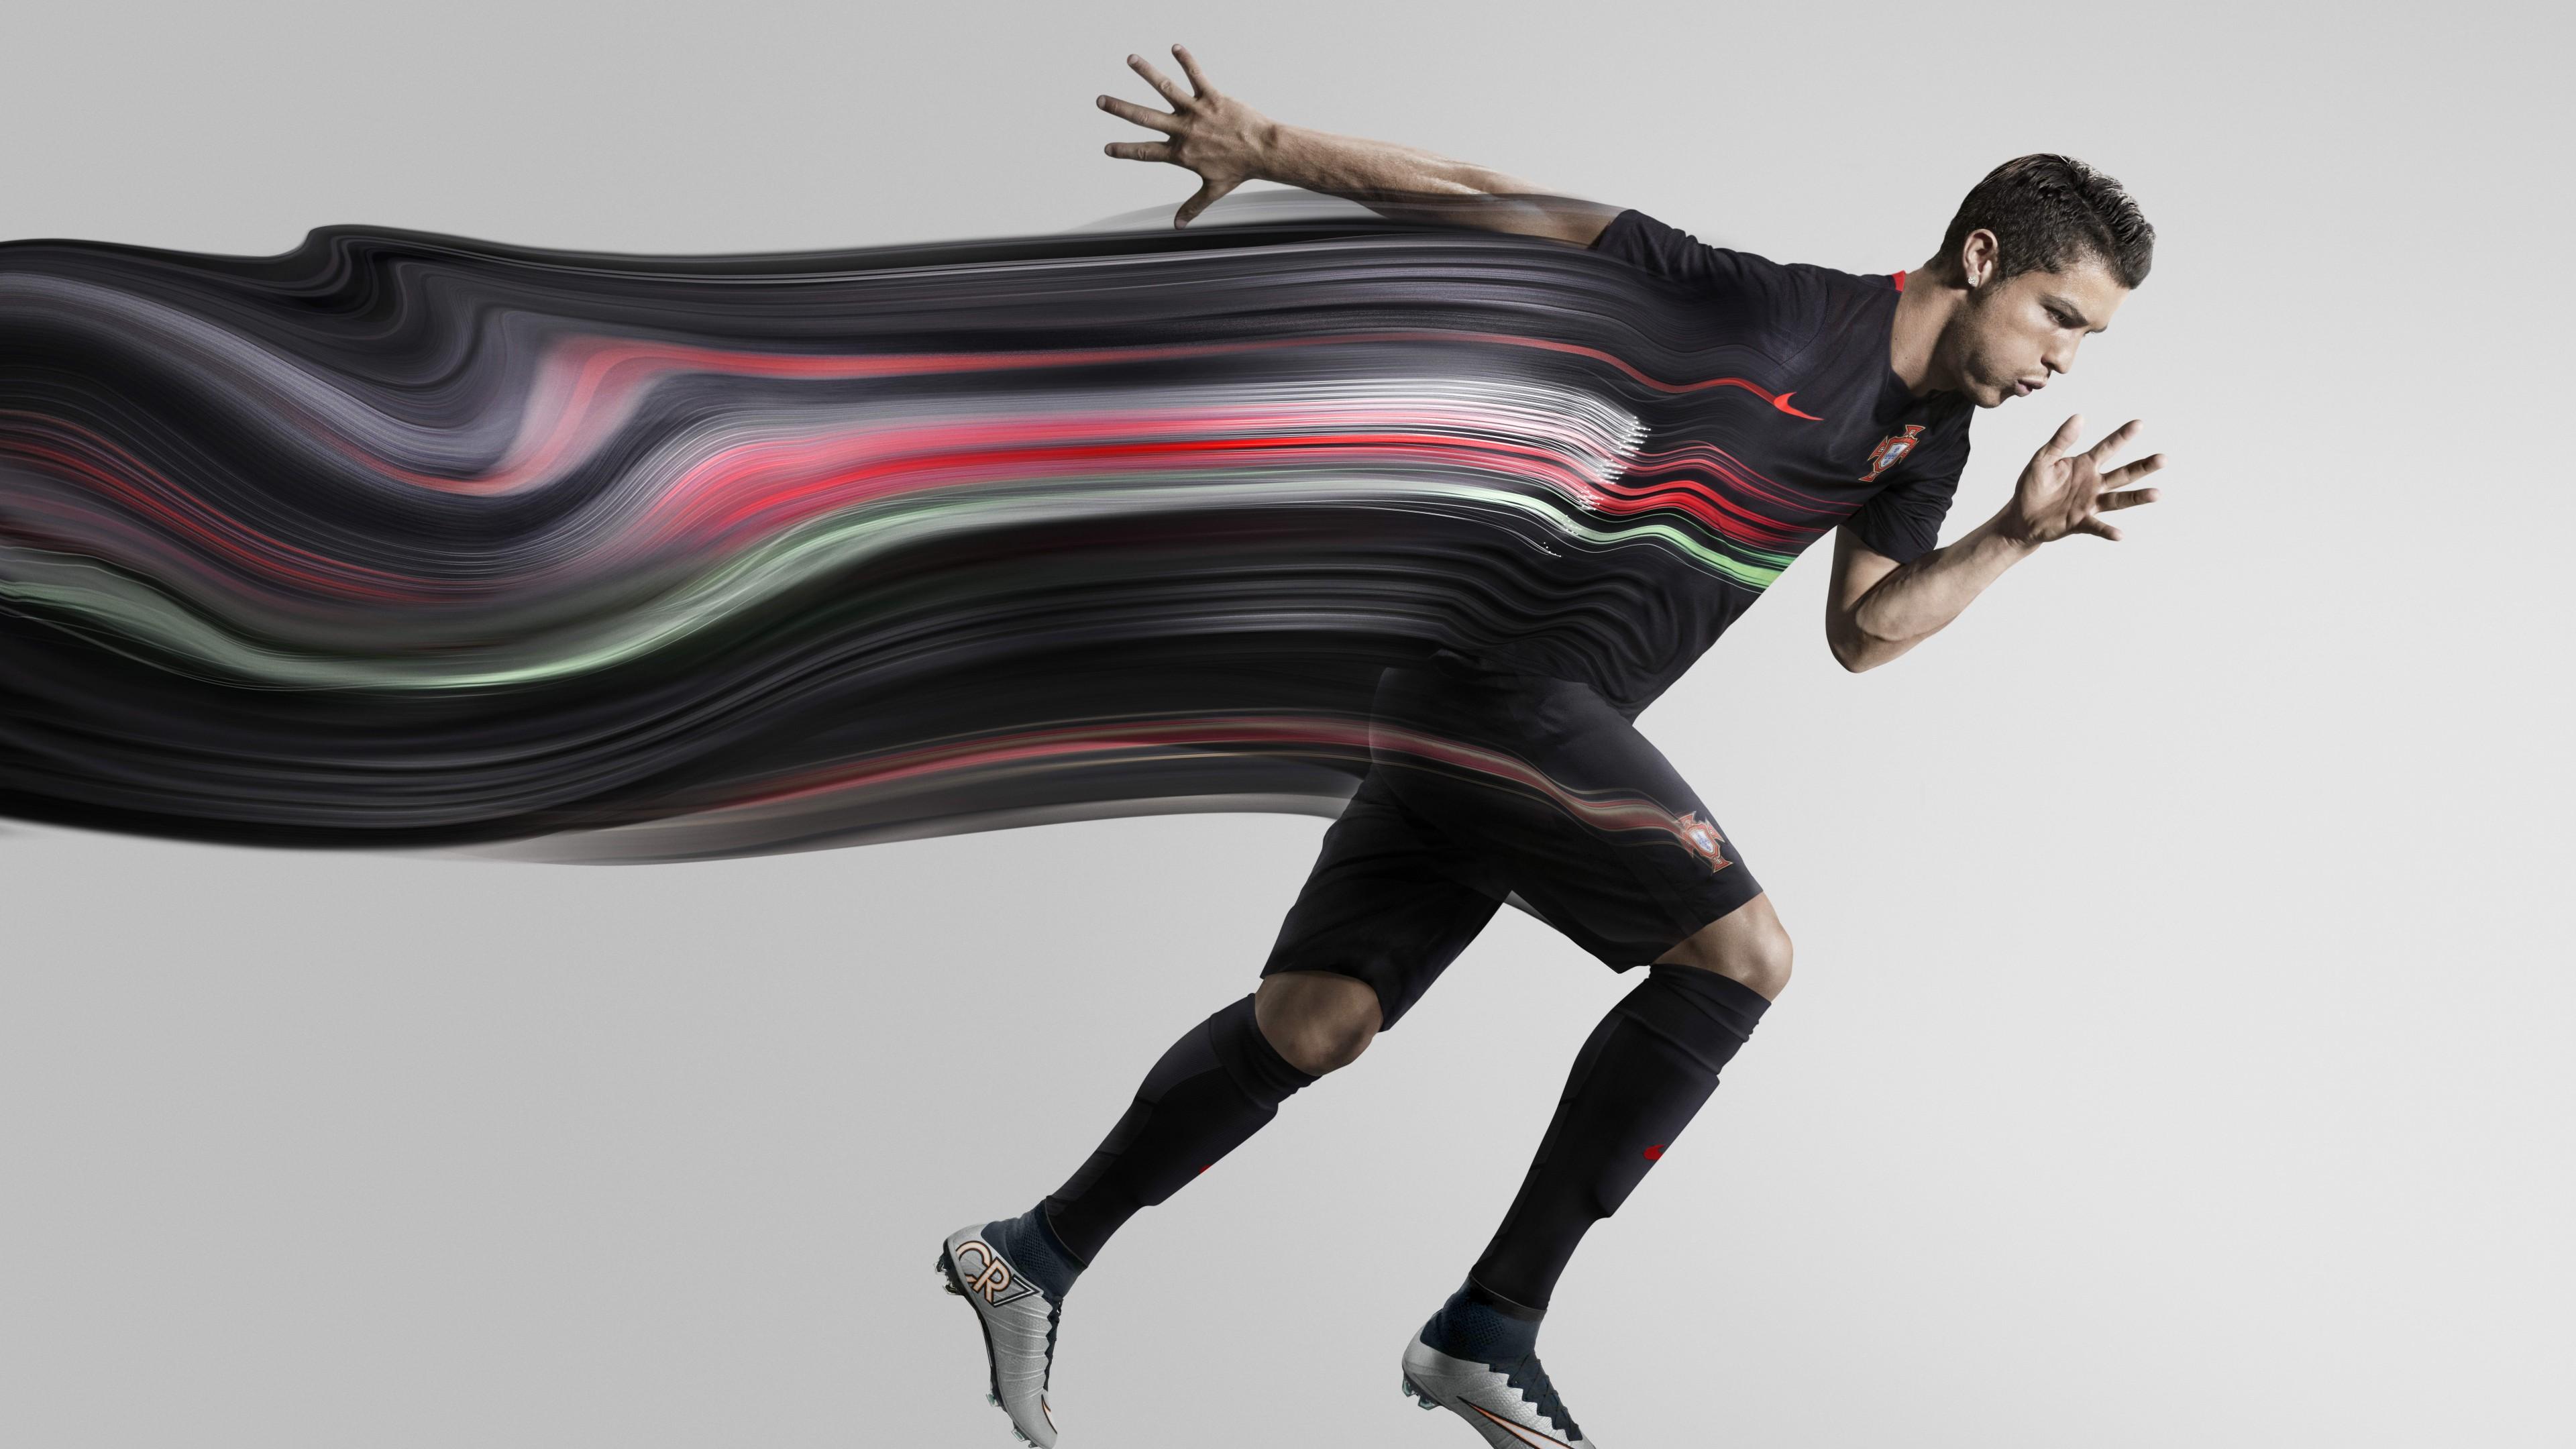 Реклама экипировки для футбола спортсменов Португалии